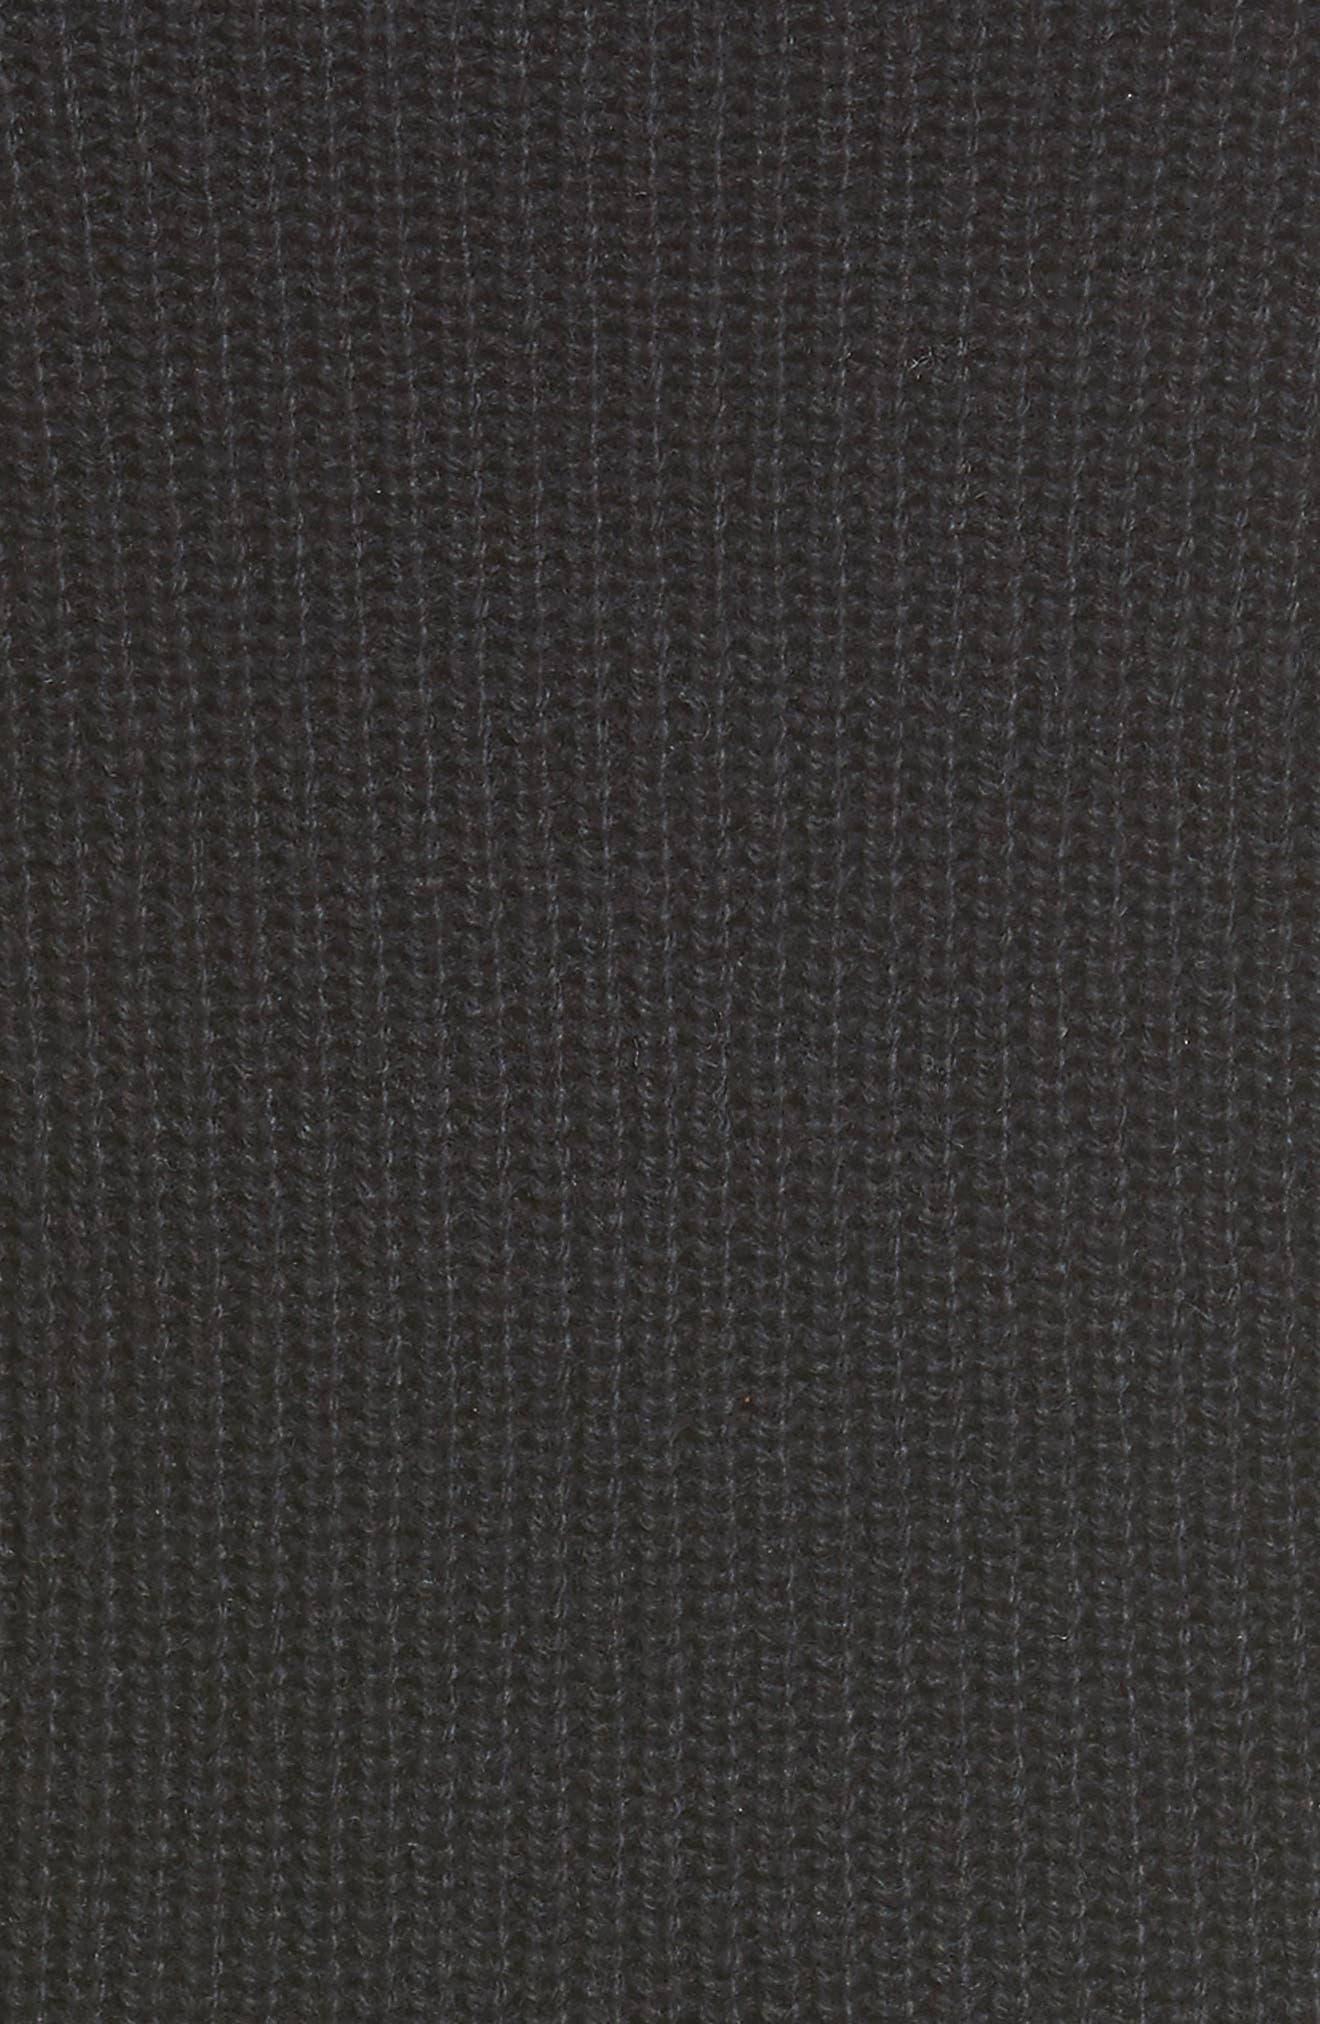 BP Cutout Choker Sweater Dress,                             Alternate thumbnail 5, color,                             001